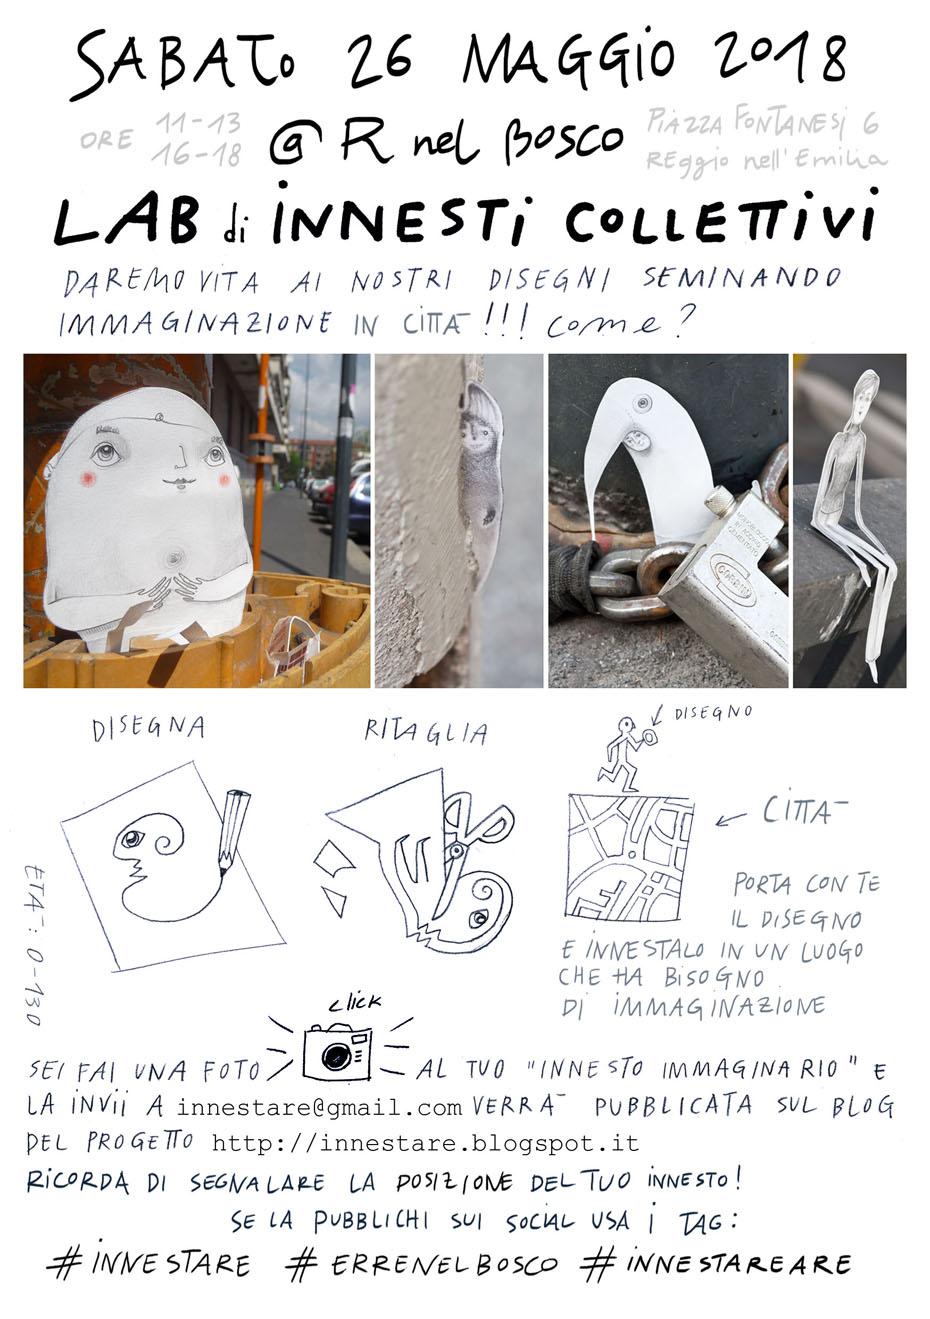 volantino-lab-di-innesti-collettivi-x-erre-small